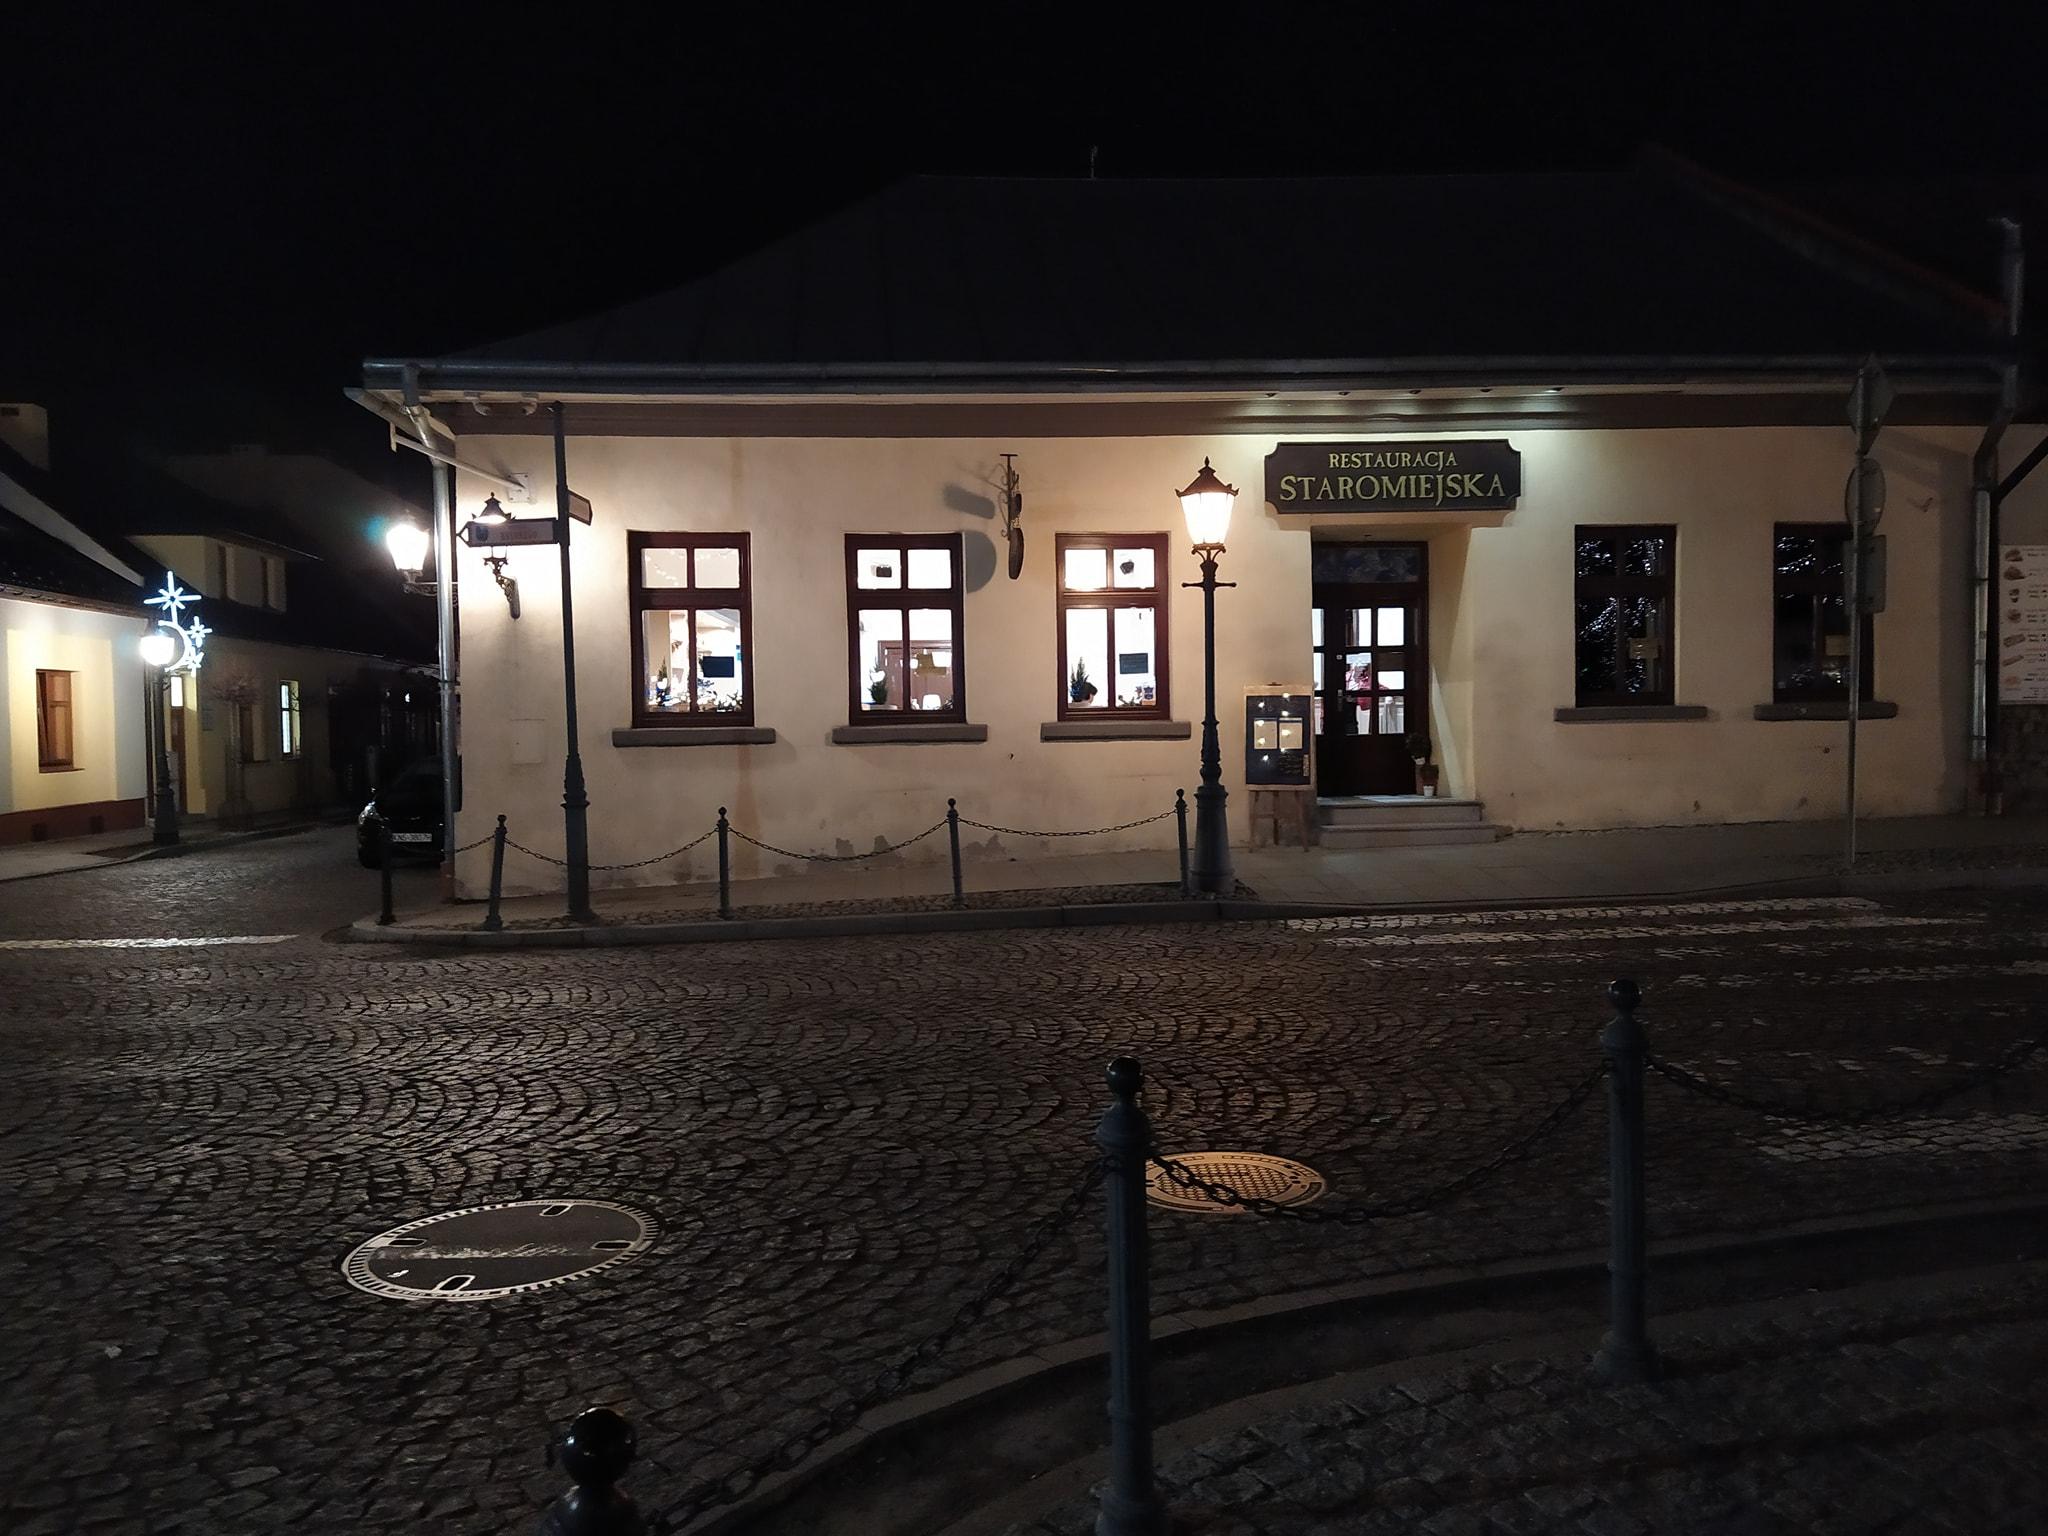 Czy wiecie że Restauracja Staromiejska w Starym Sączu powróciła w nieco innym wy… – starosadeckie.info